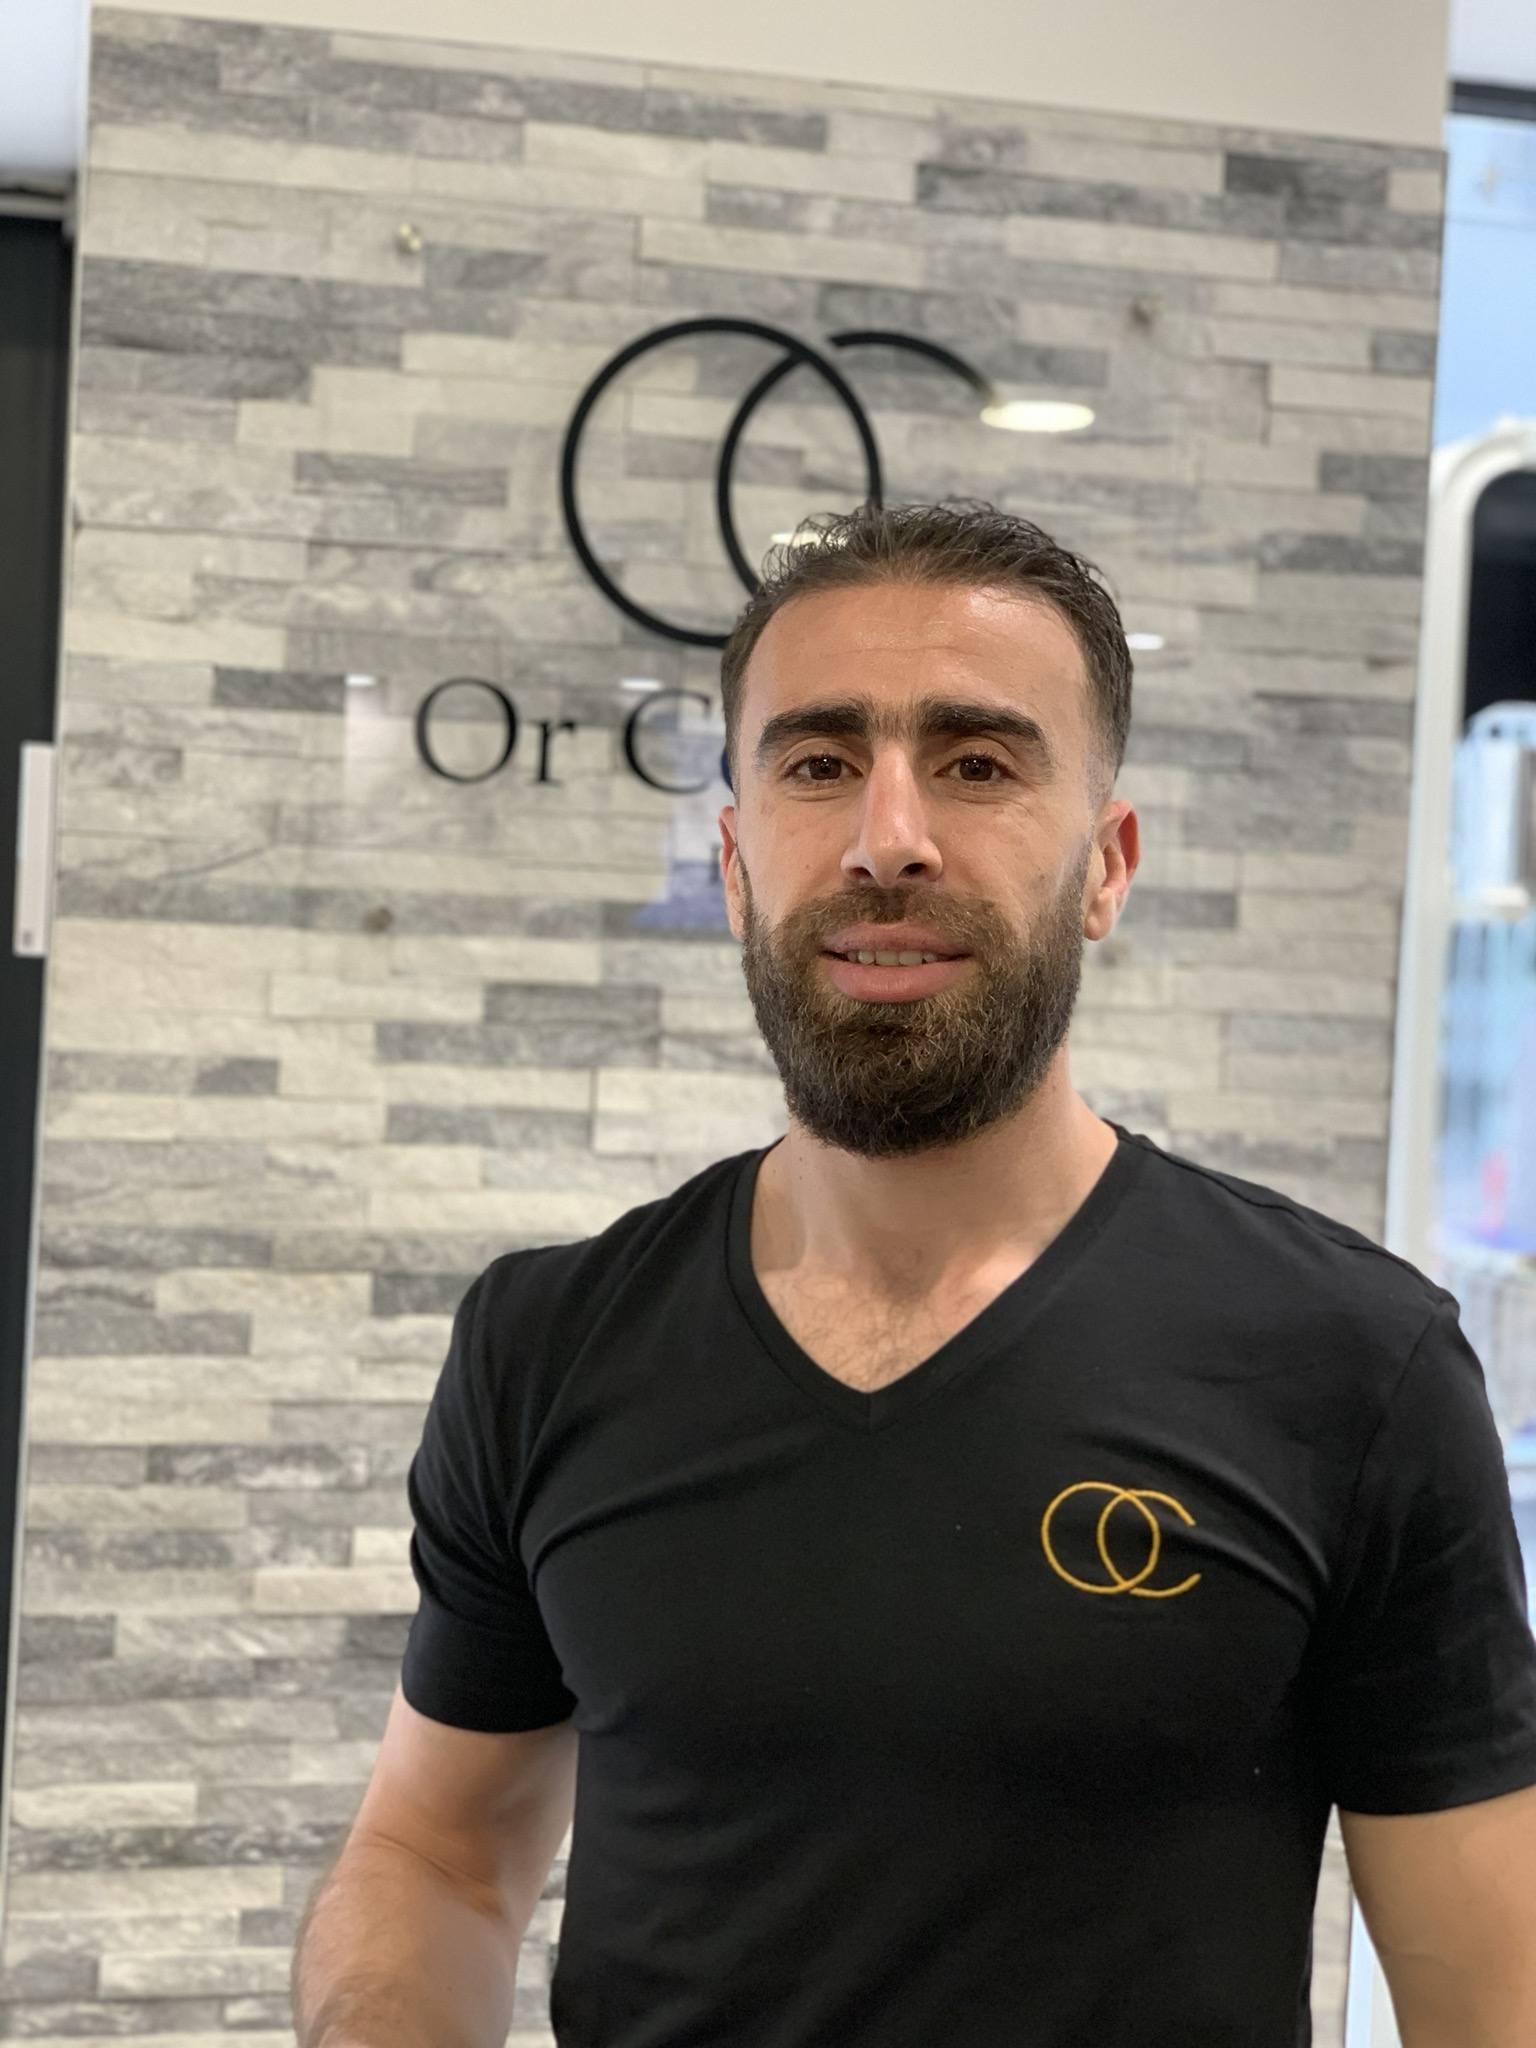 Bousaad Barber